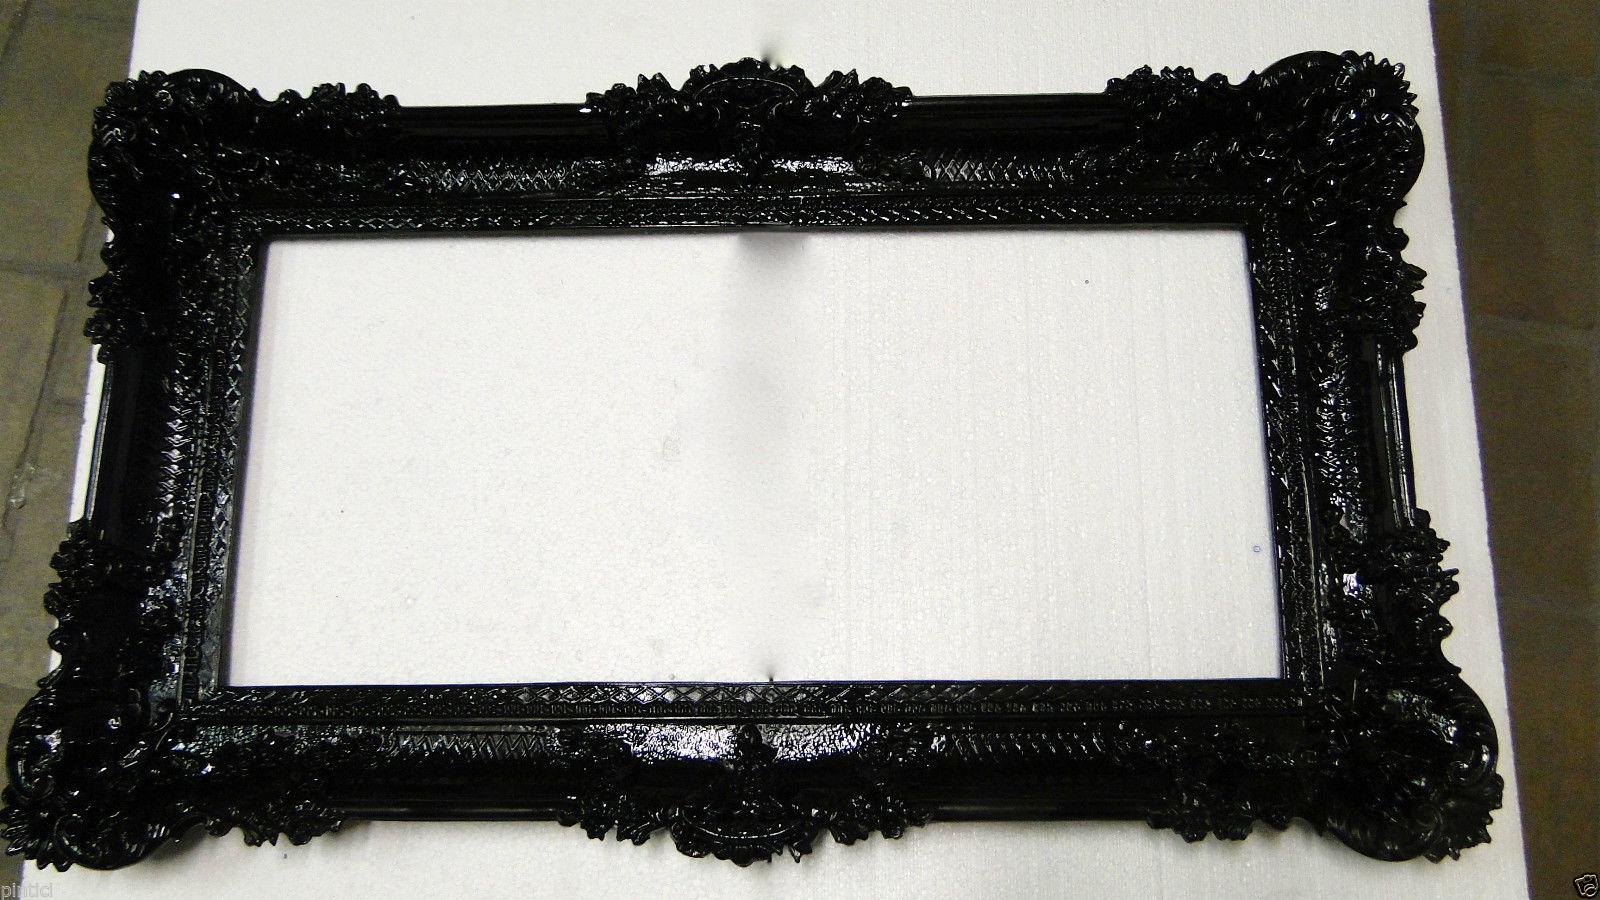 bilderrahmen schwarz barock gro antik 96x57 bilderrahmen barock fotorahmen kaufen bei pintici. Black Bedroom Furniture Sets. Home Design Ideas